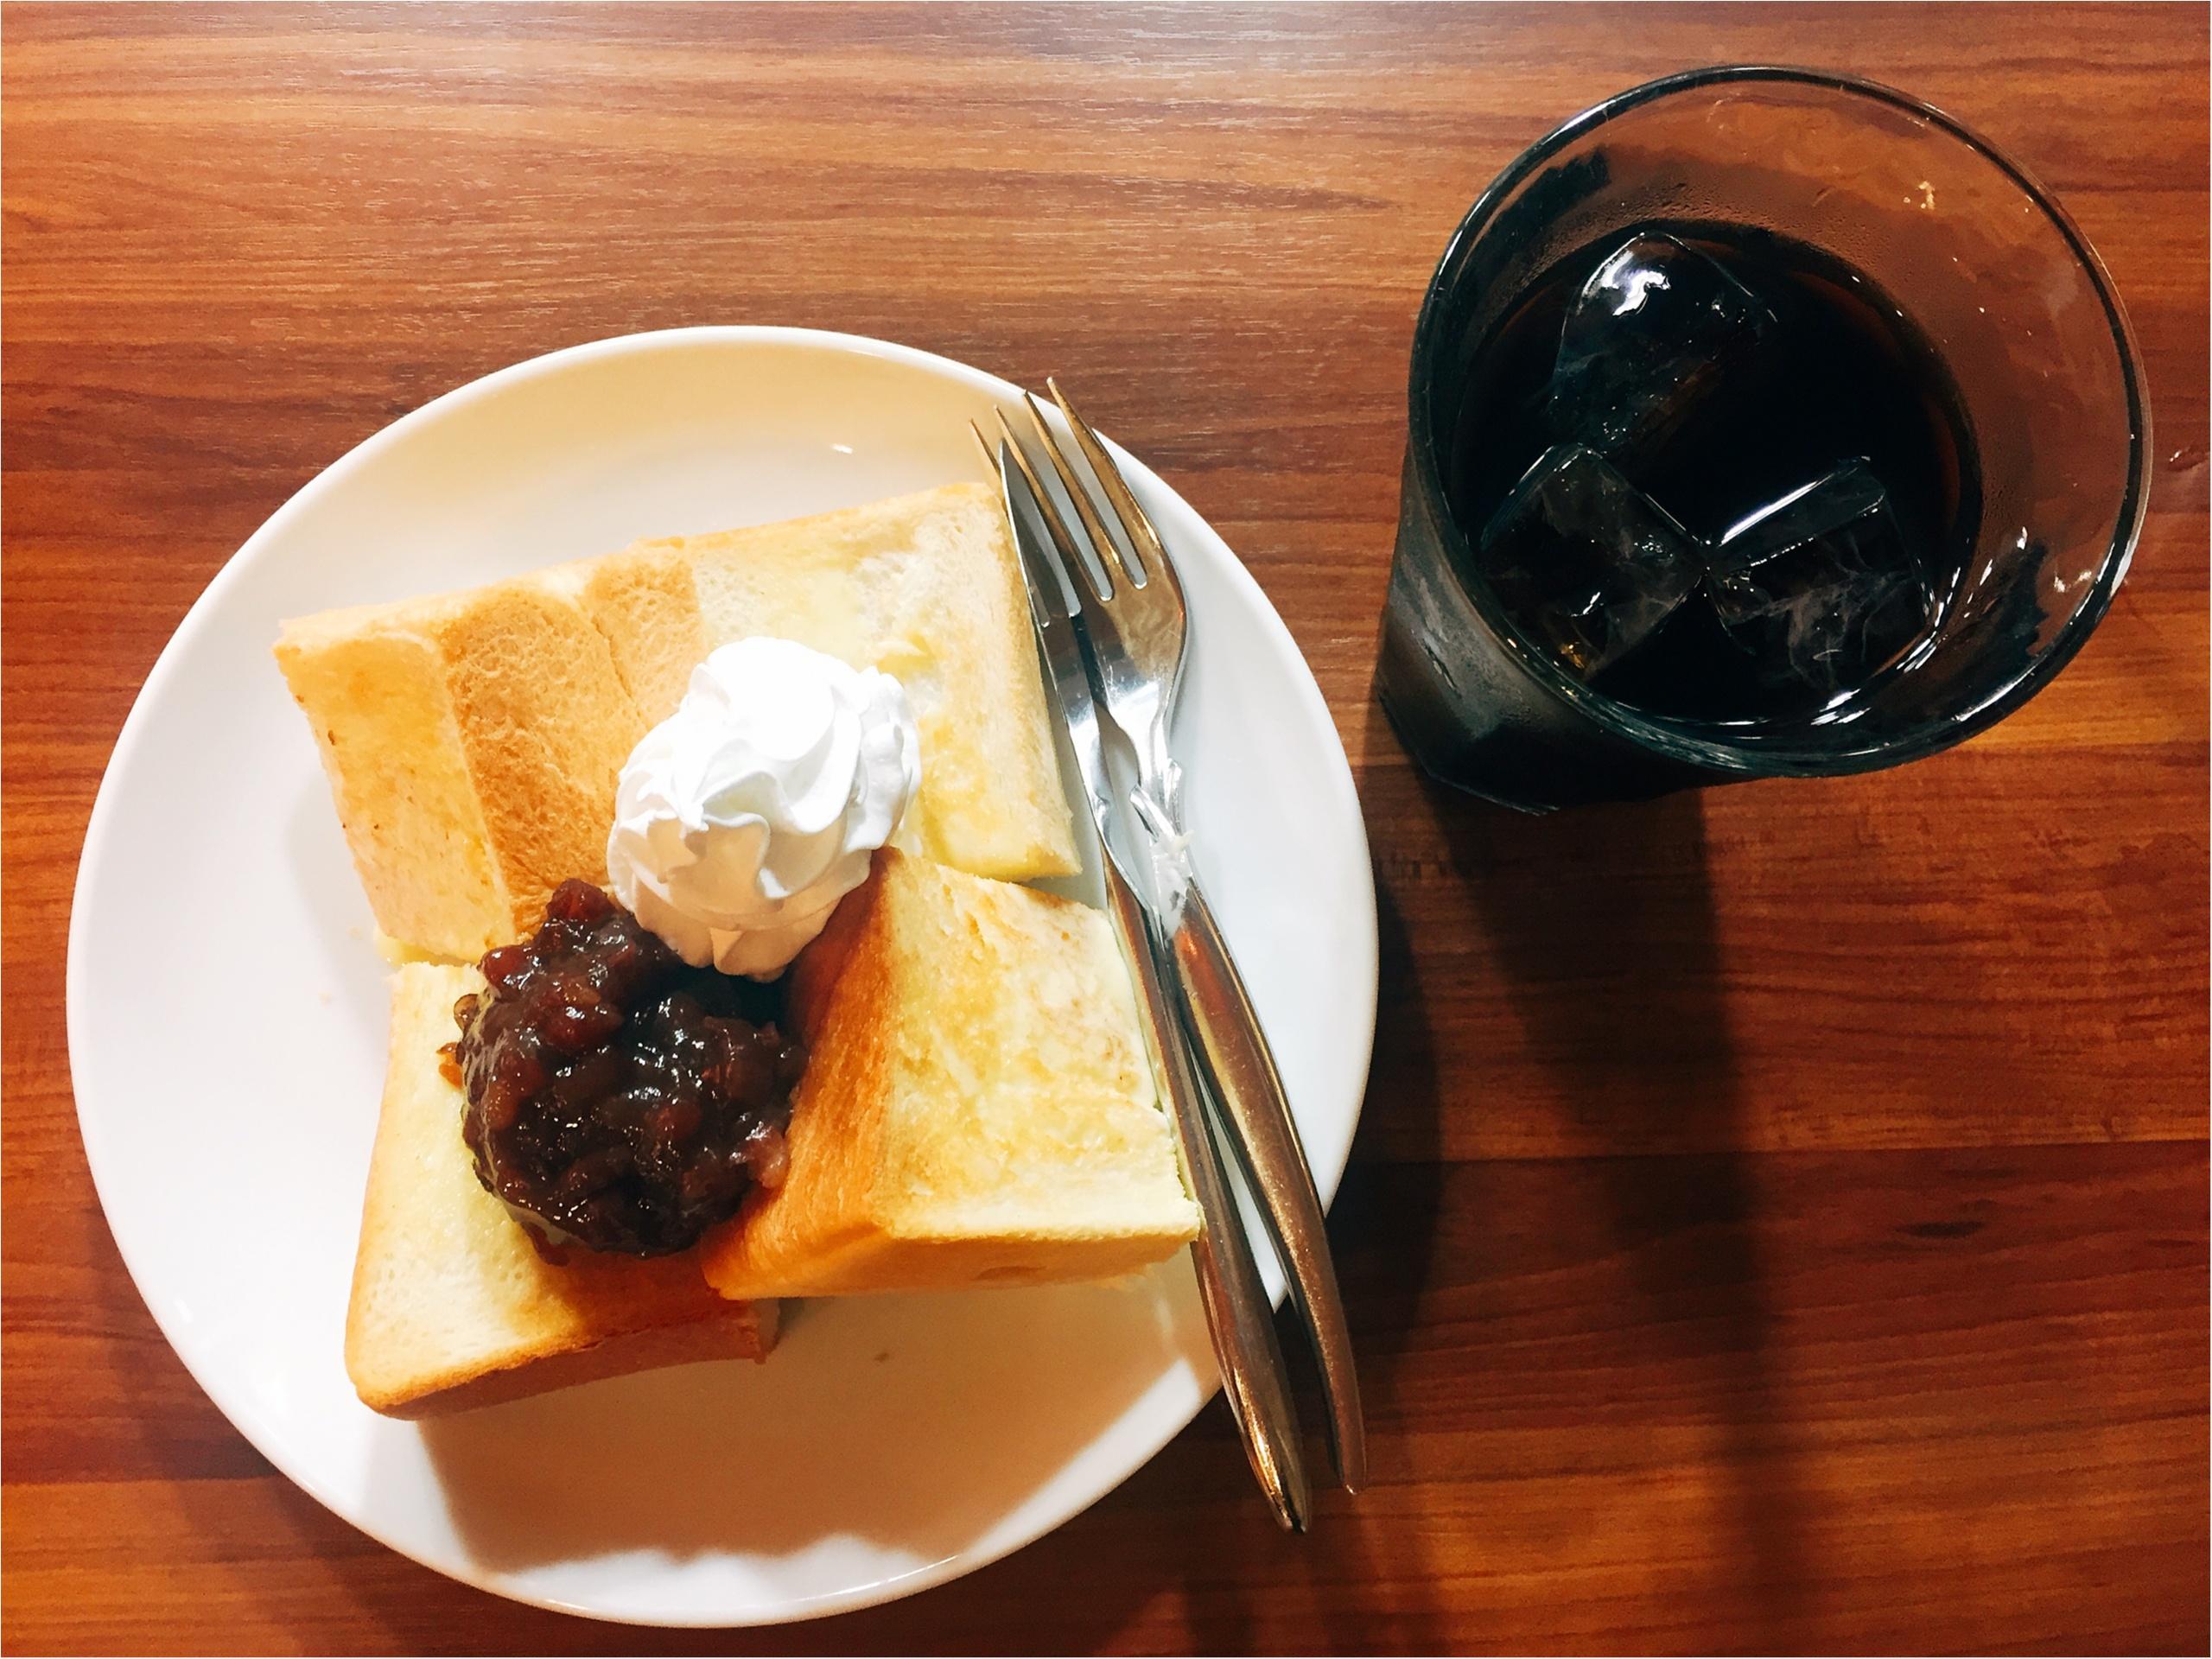 【名古屋グルメ】喫茶店「アバンテ」のトースト♡名駅内でサクッと軽食に◎_3